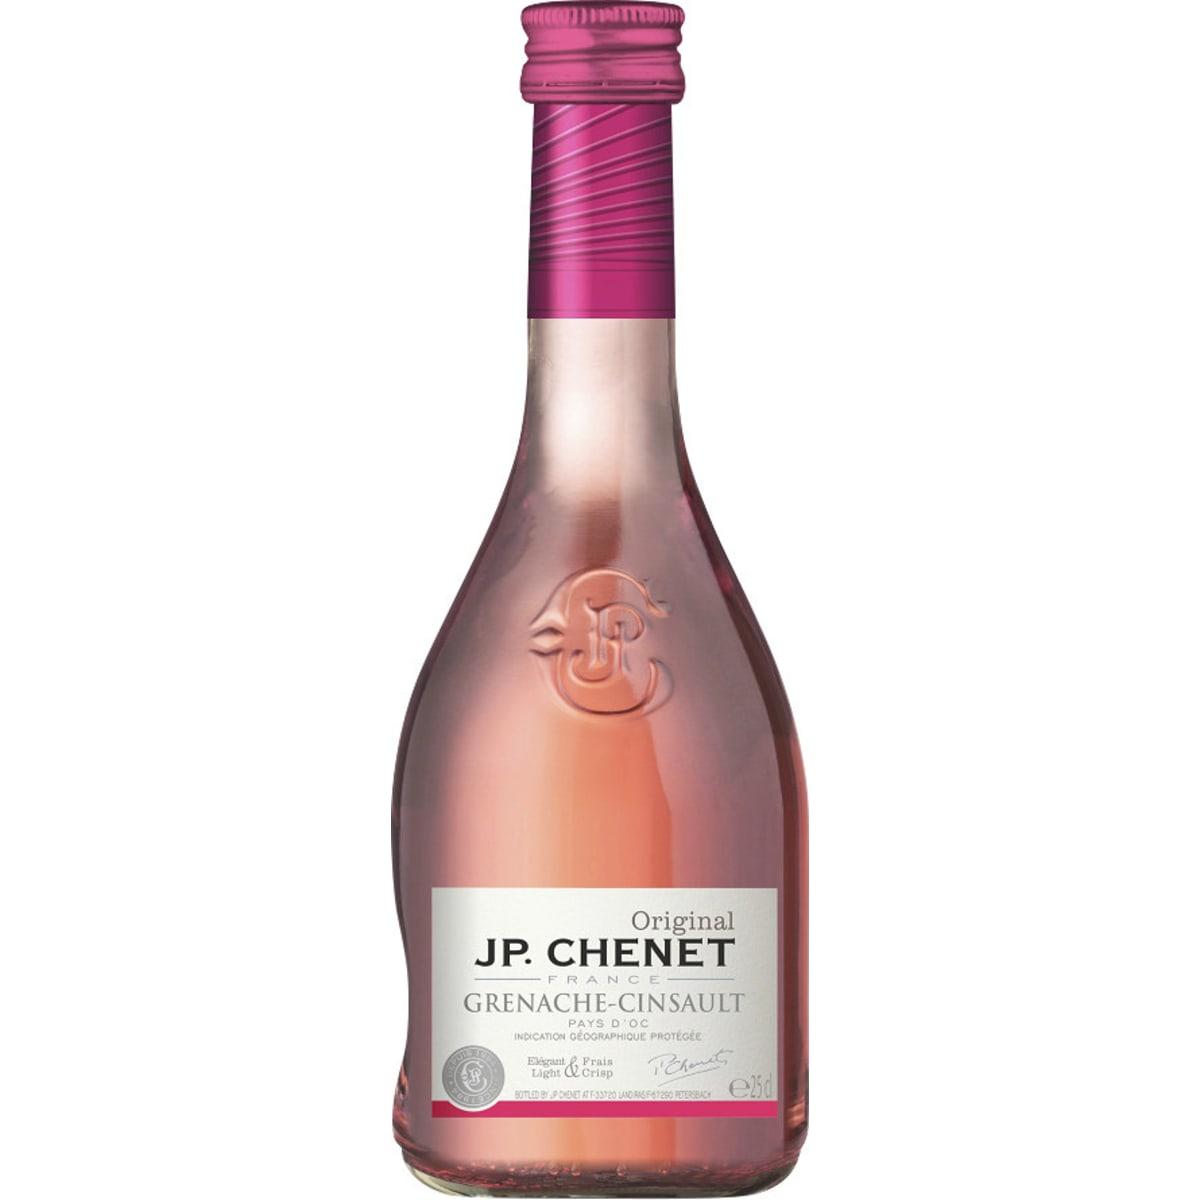 Chenet Grenache-Cinsault Rose